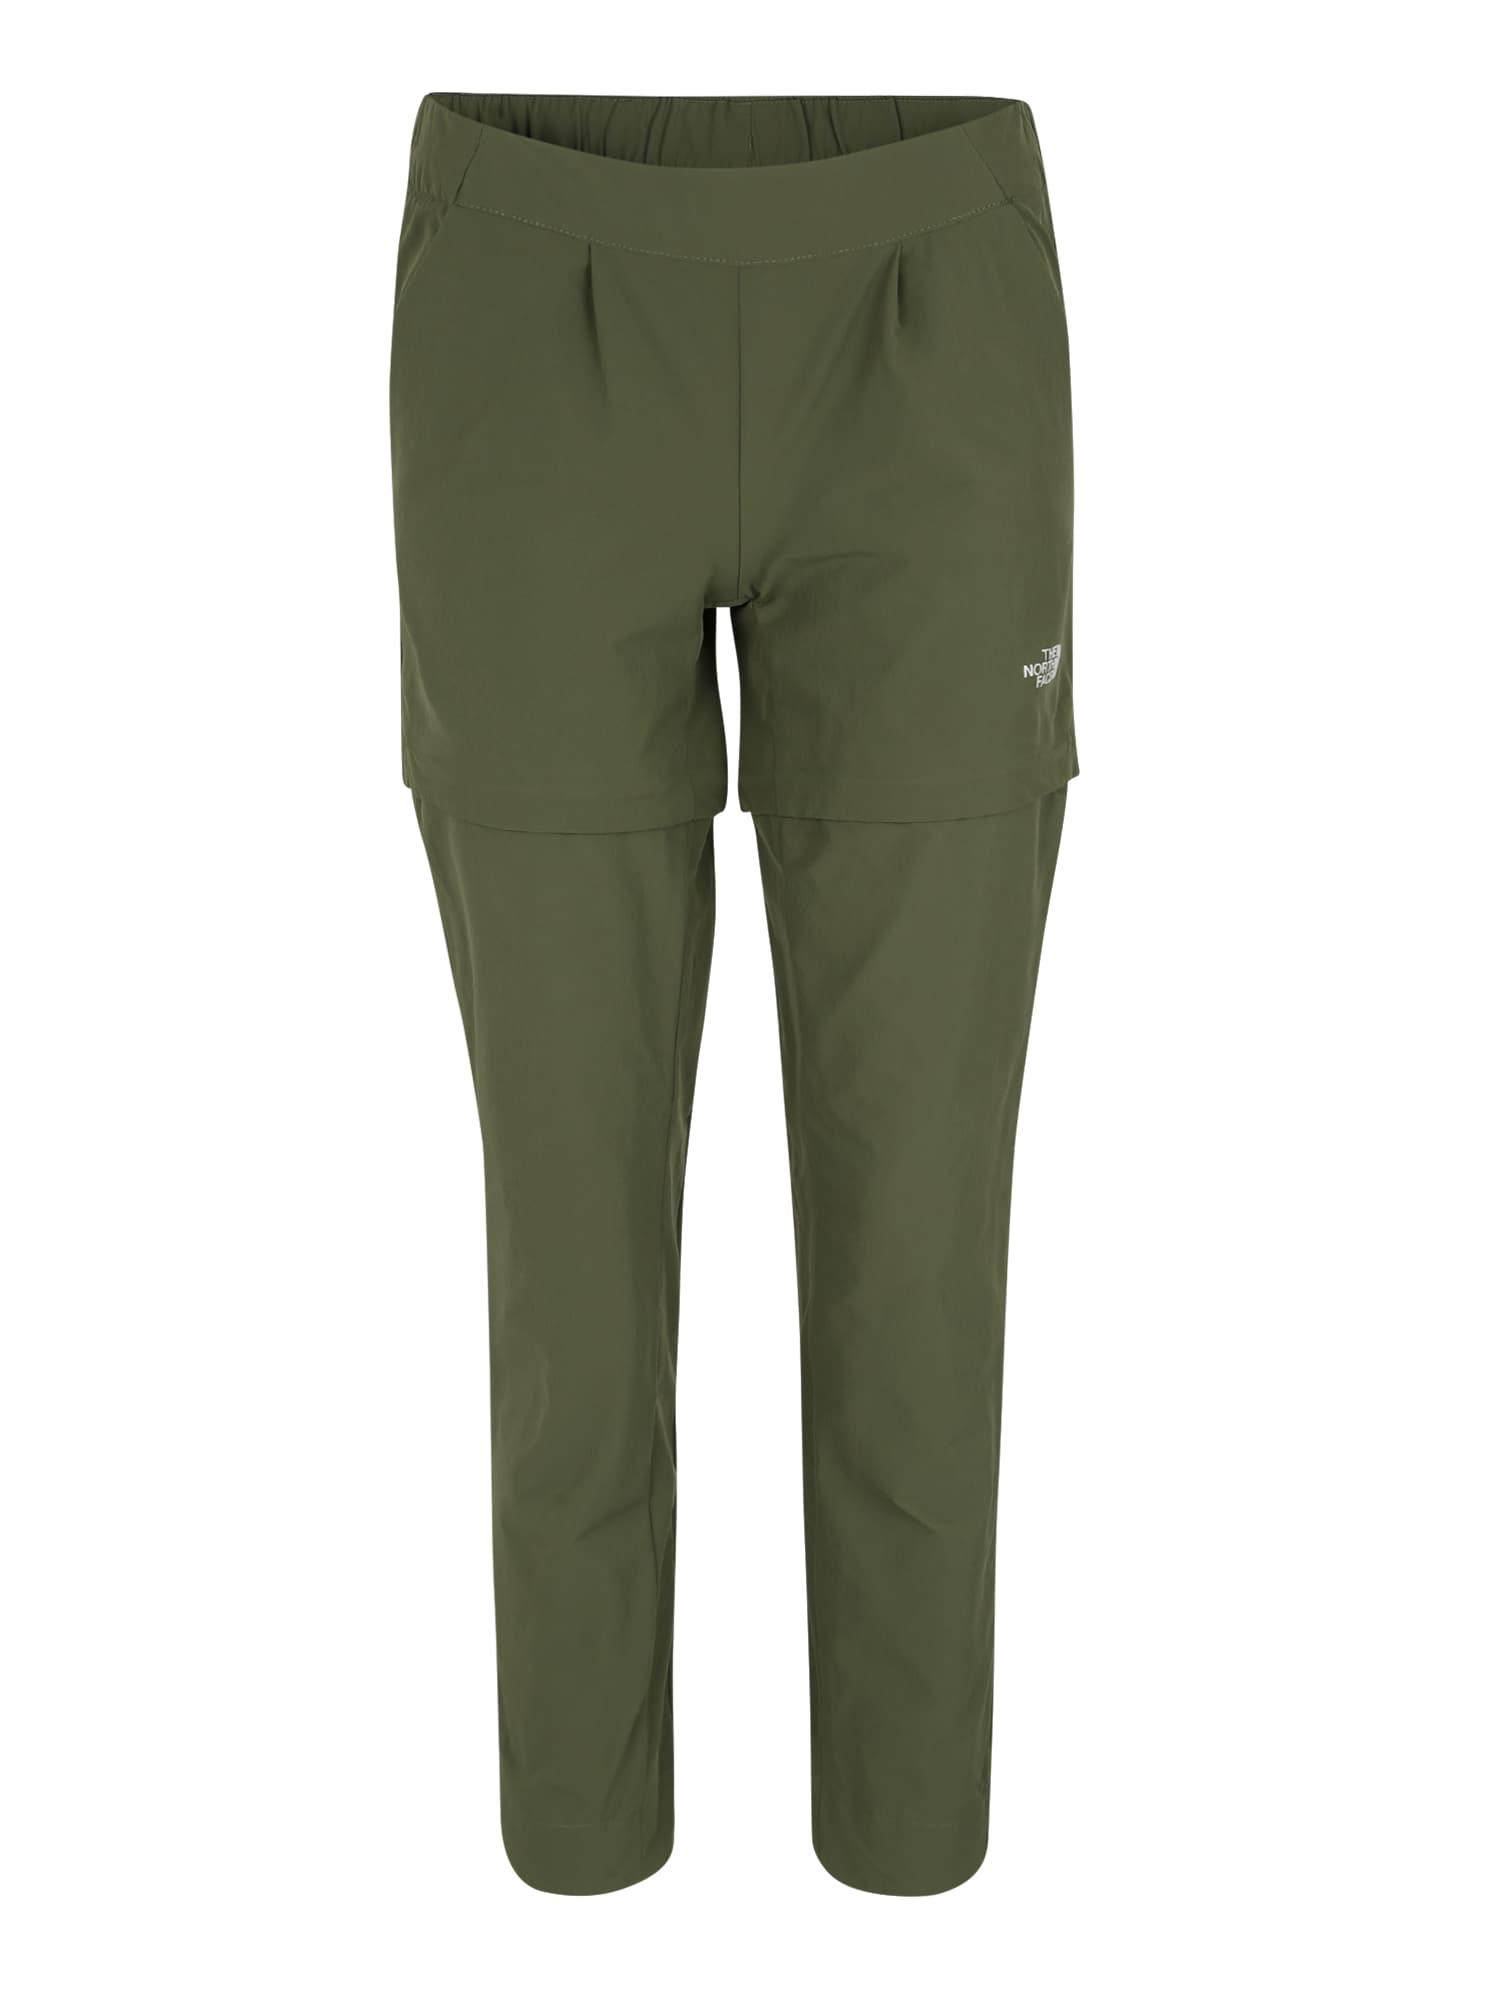 Outdoorové kalhoty W INLUX CNVRTBL PT olivová THE NORTH FACE